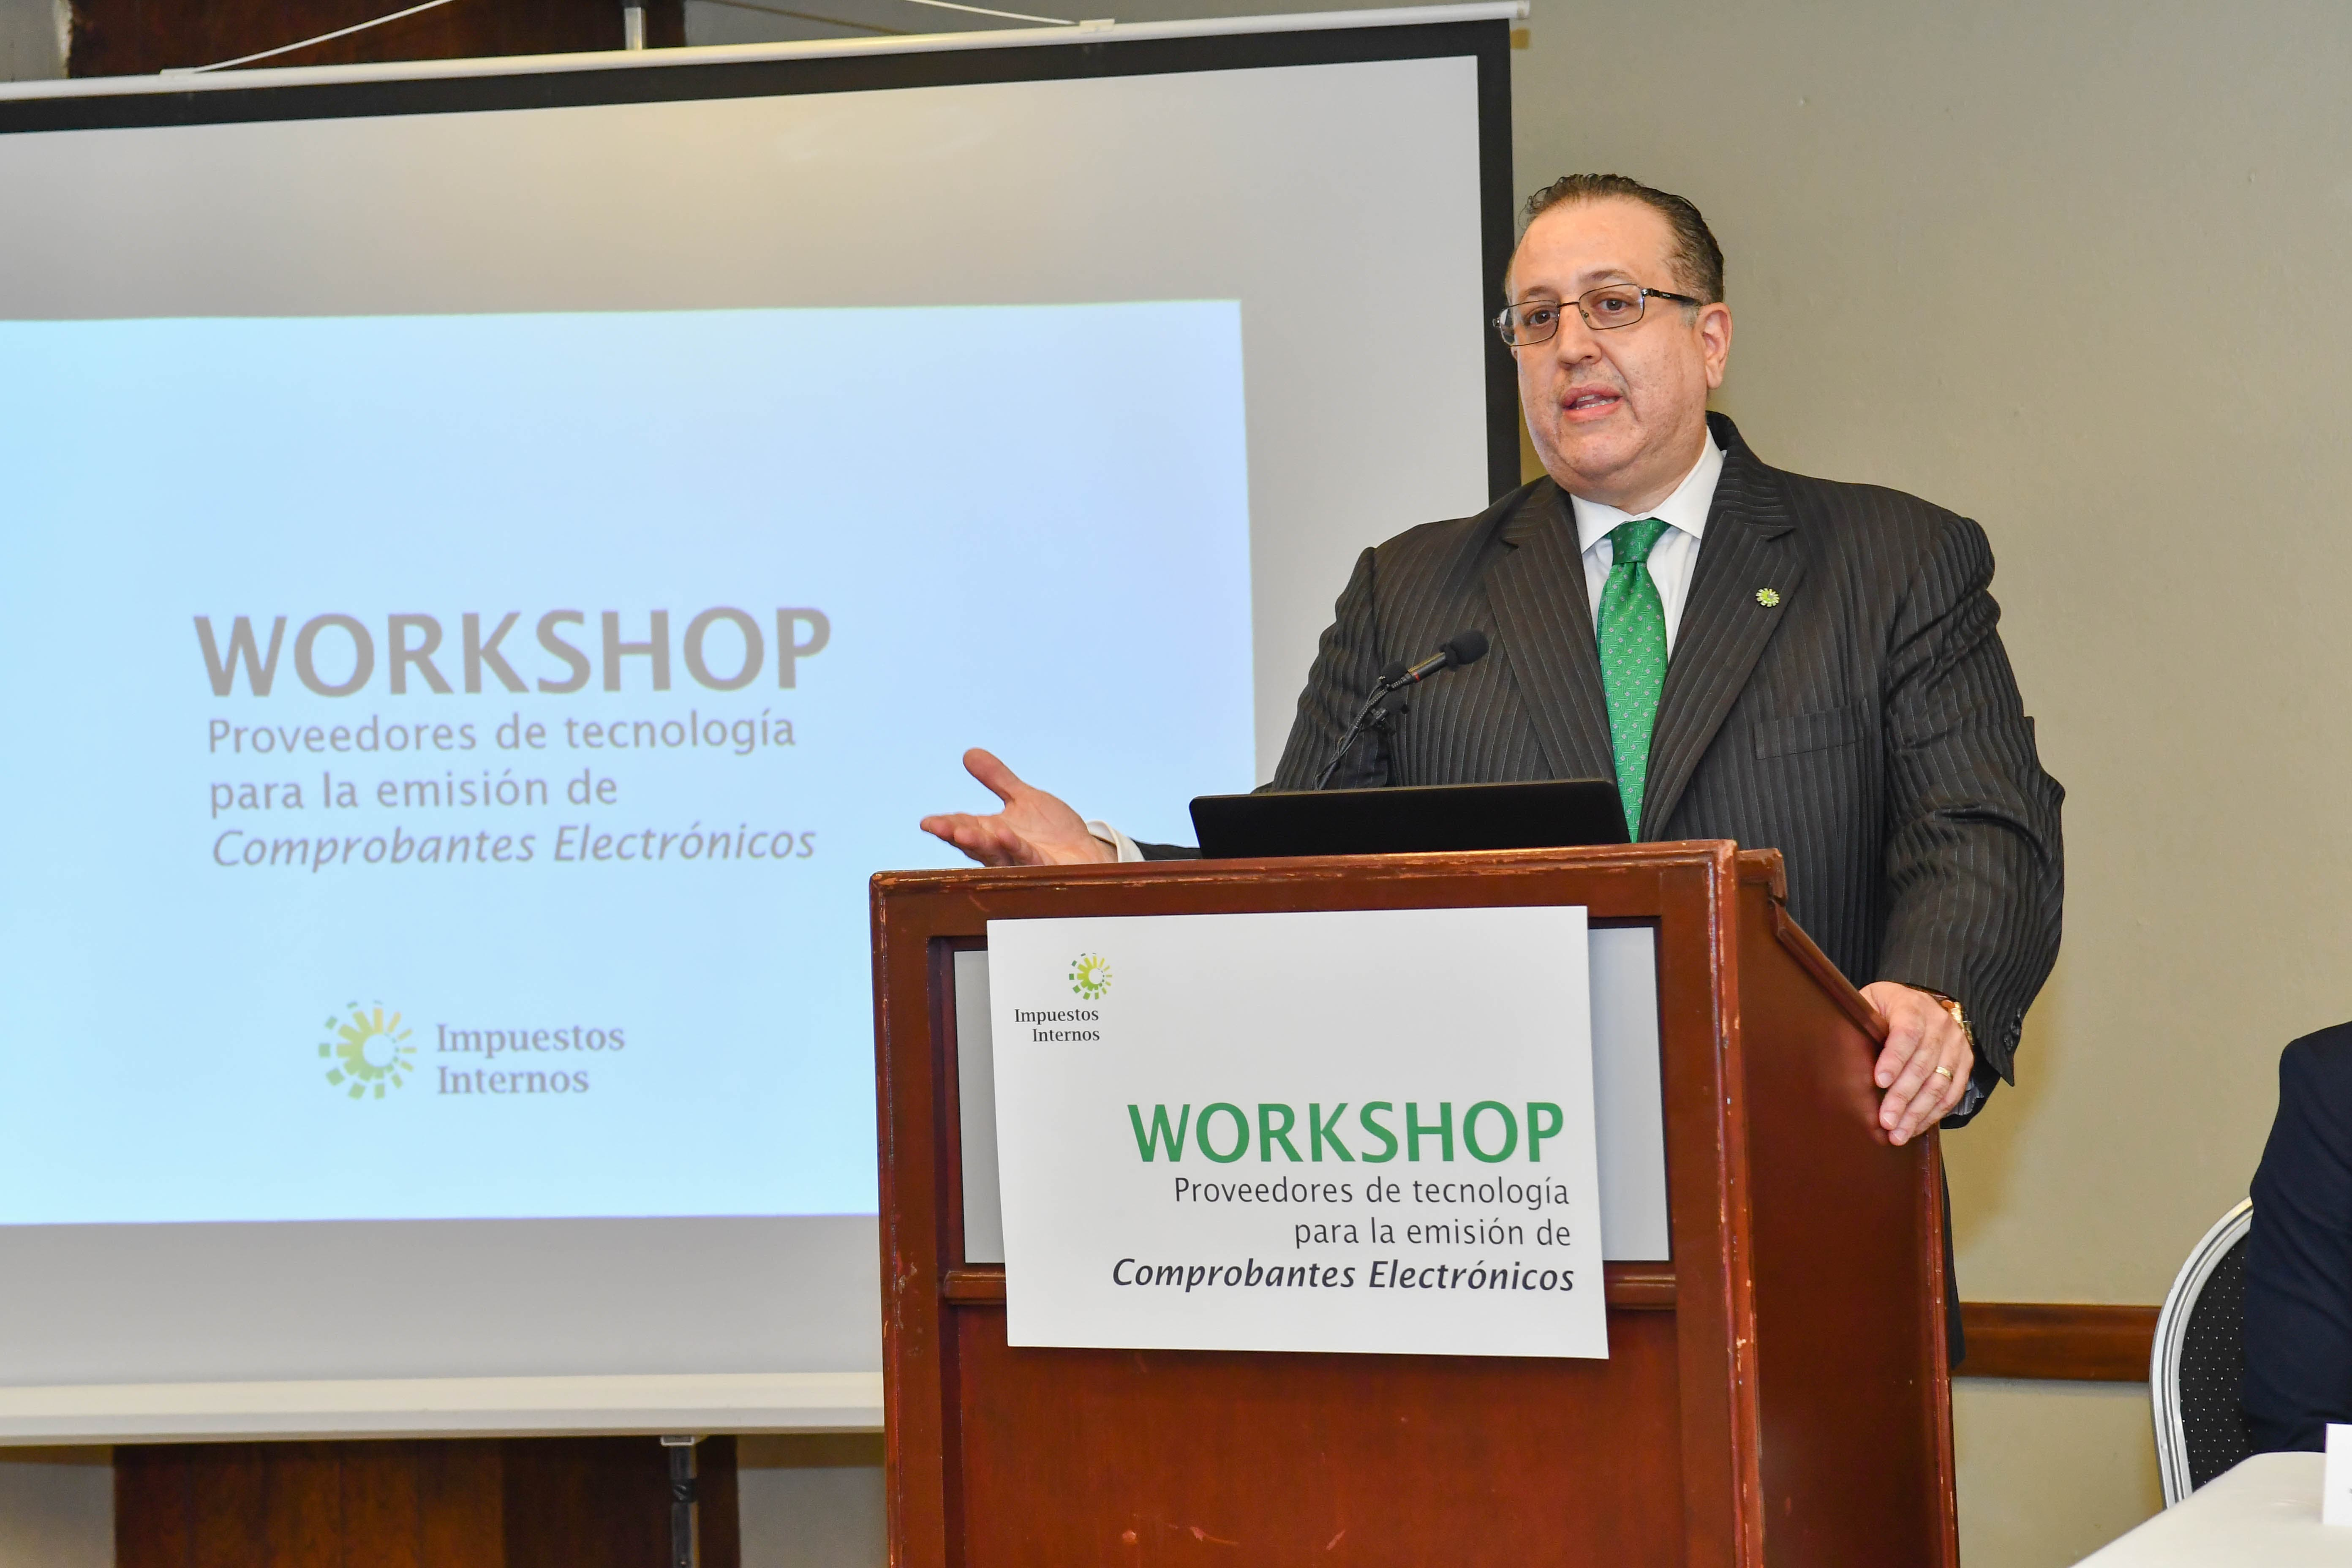 Magín J. Díaz, durante sus palabras centrales en el acto de apertura del encuentro de empresas y proveedores para Comprobantes Electrónicos.